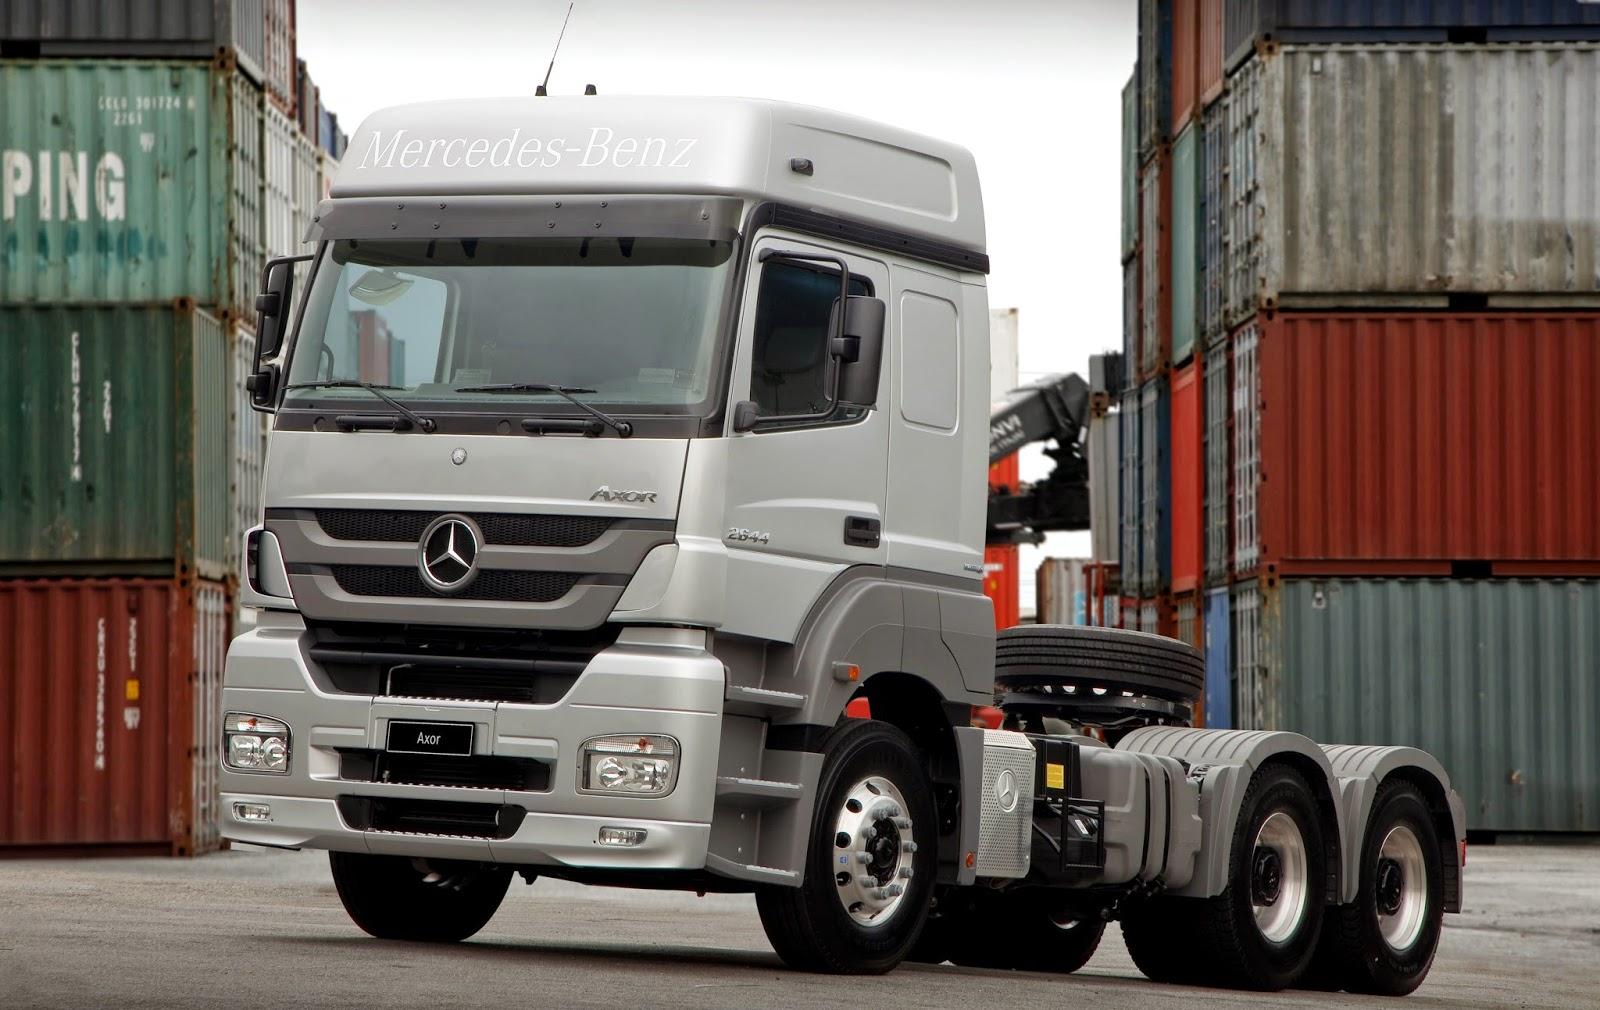 Teste do MB Axor 2644 | Caminhões e Carretas - A parada online do  caminhoneiro